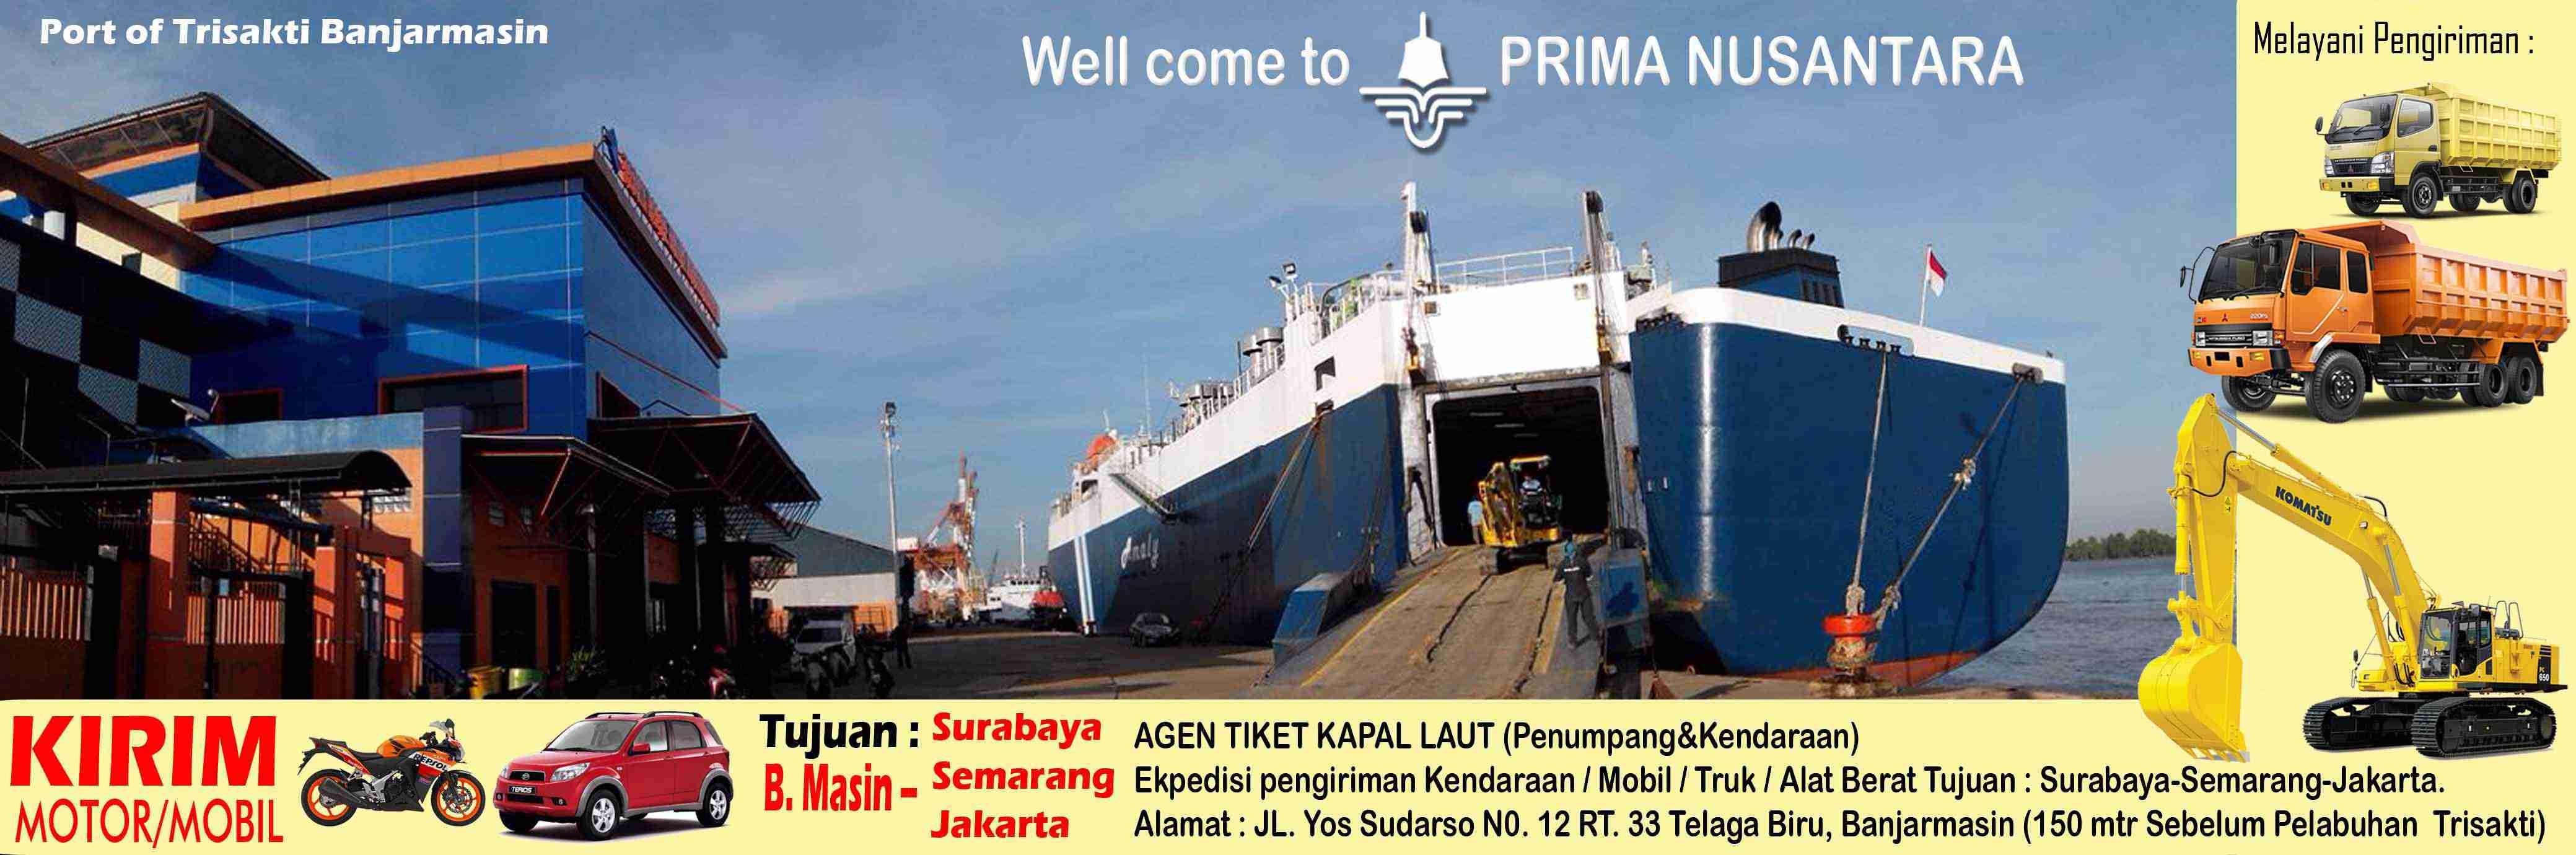 Primanusantara Com Jadwal Kapal Laut Dari Surabaya Ke